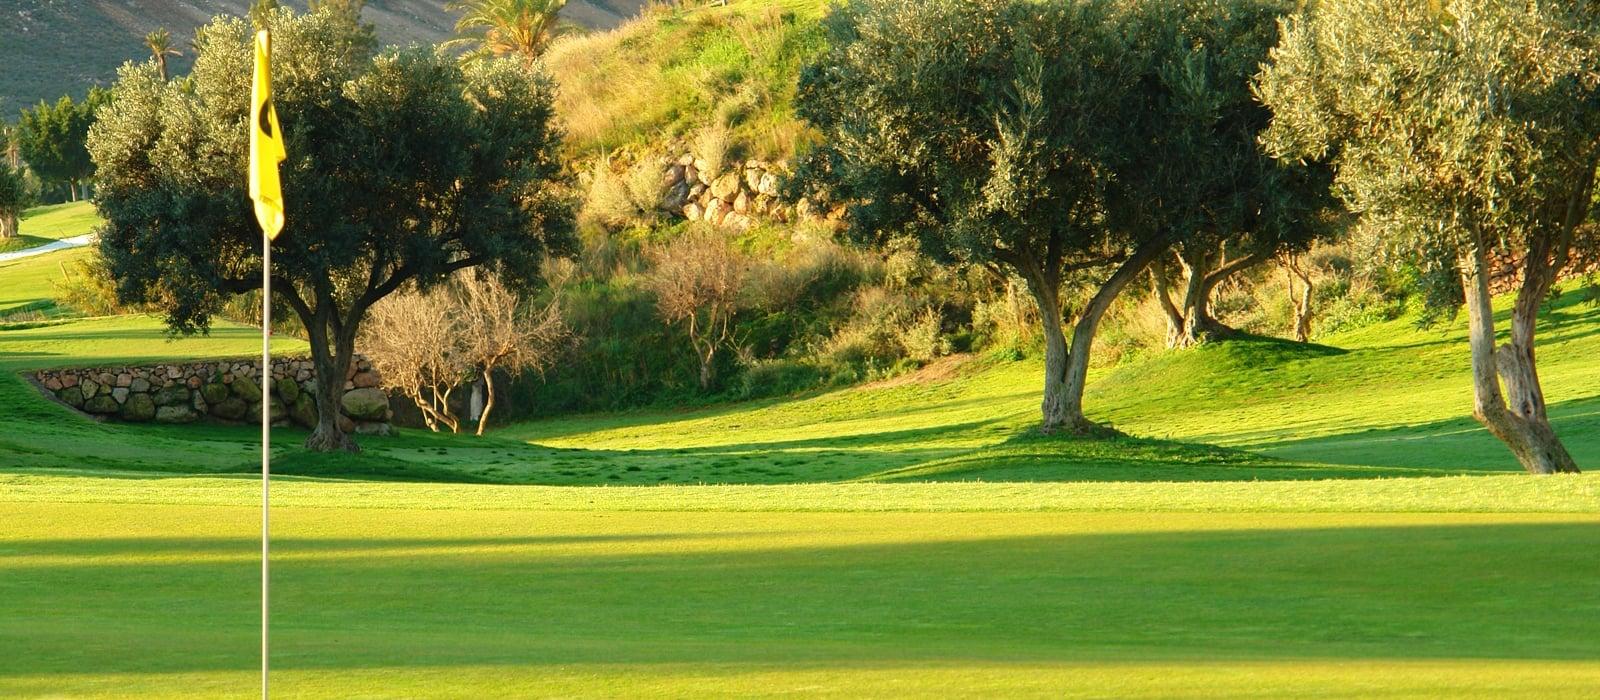 Offres Hotel Selección Envía Almería Wellness & Golf - Le meilleur golf d'Almería